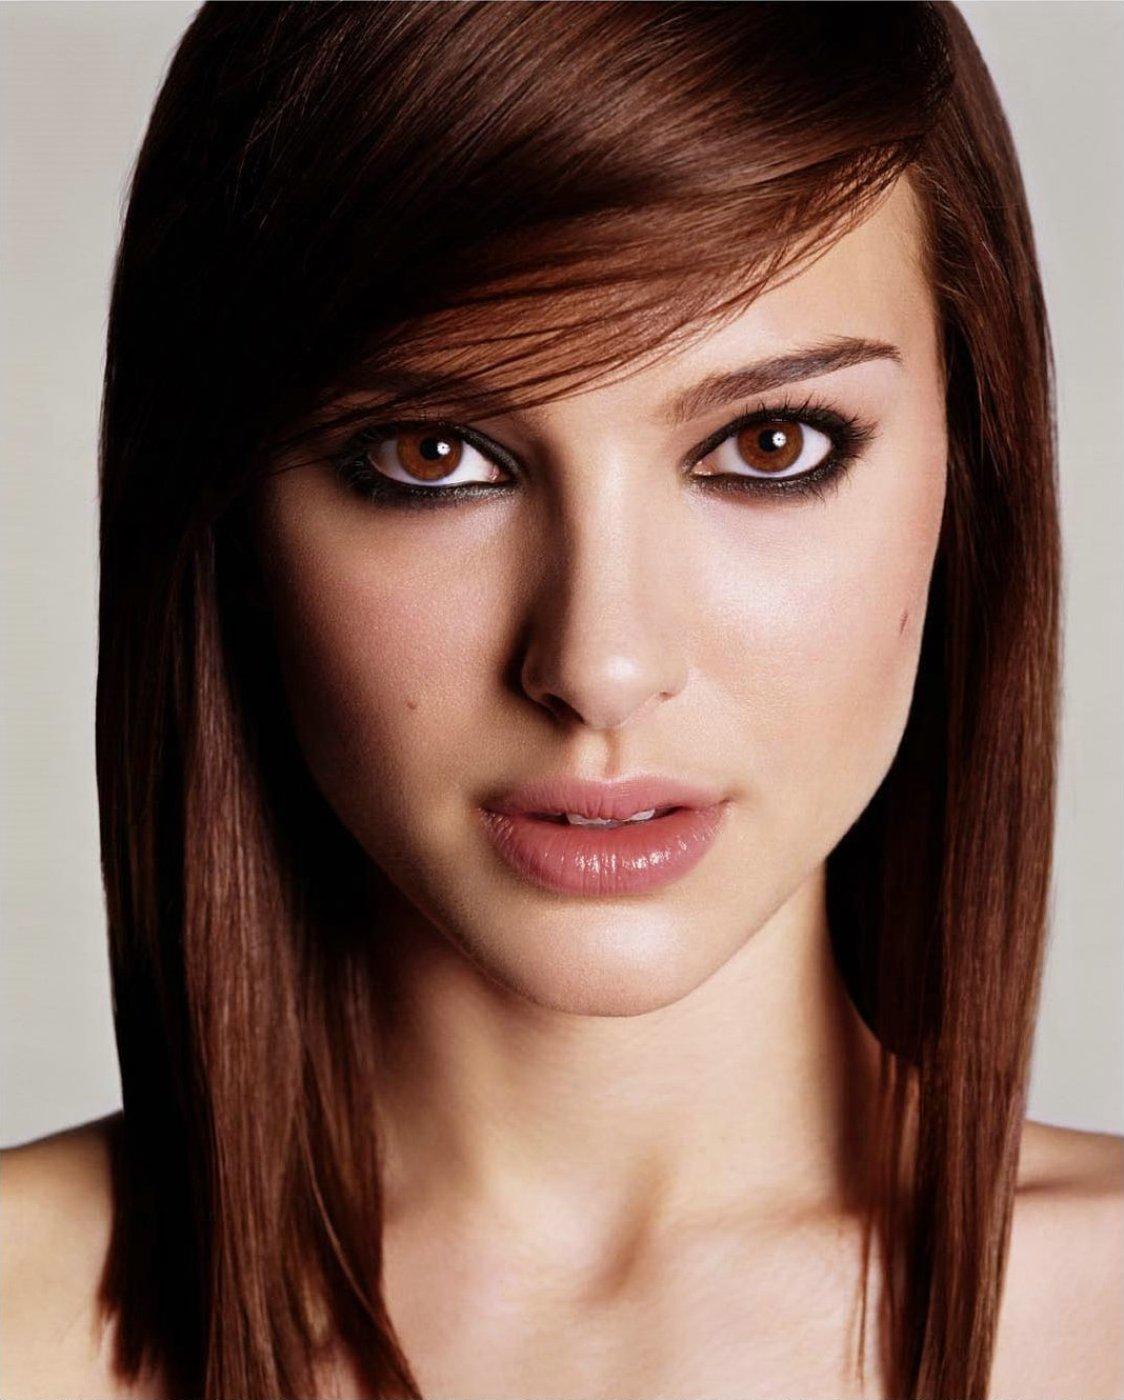 Natalie Portman straight hair